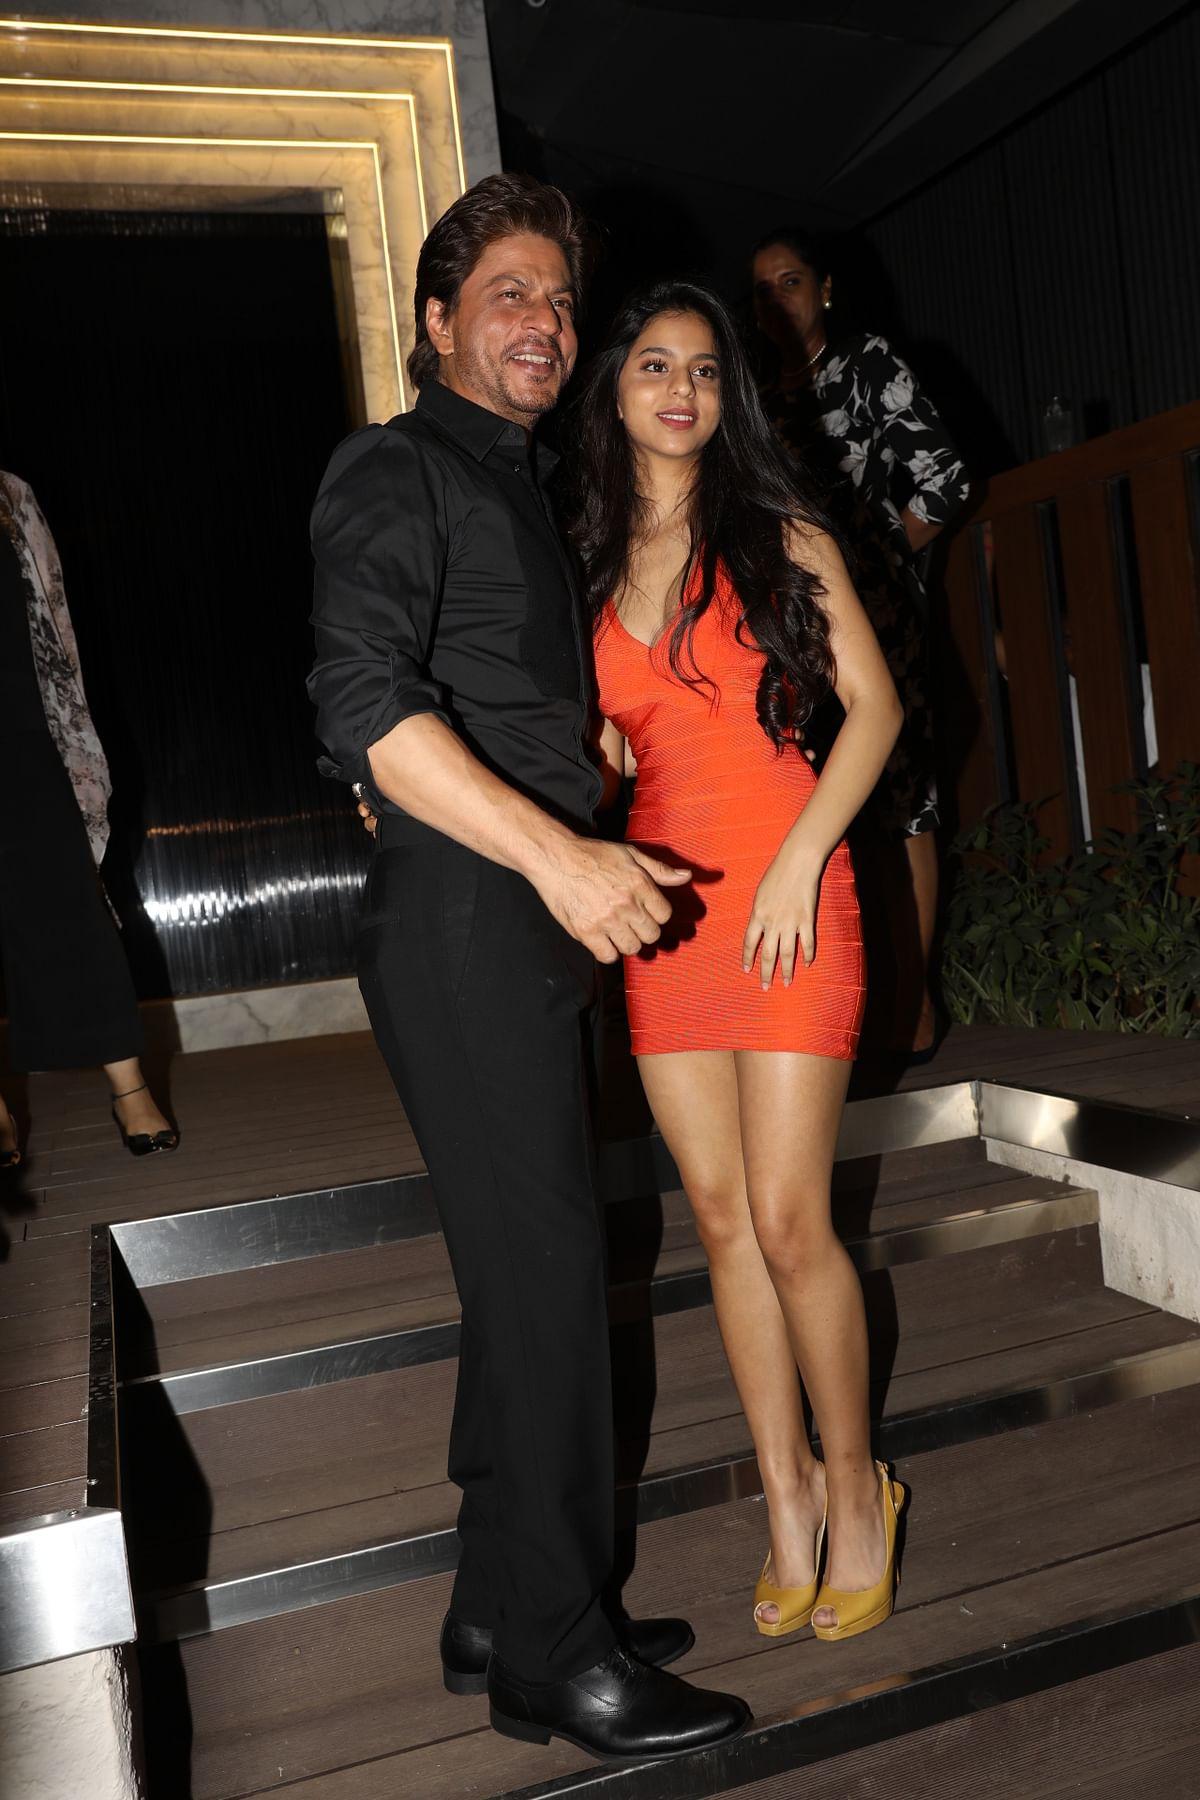 Shah Rukh Khan and Suhana pose for photographers. (Photo: Yogen Shah)